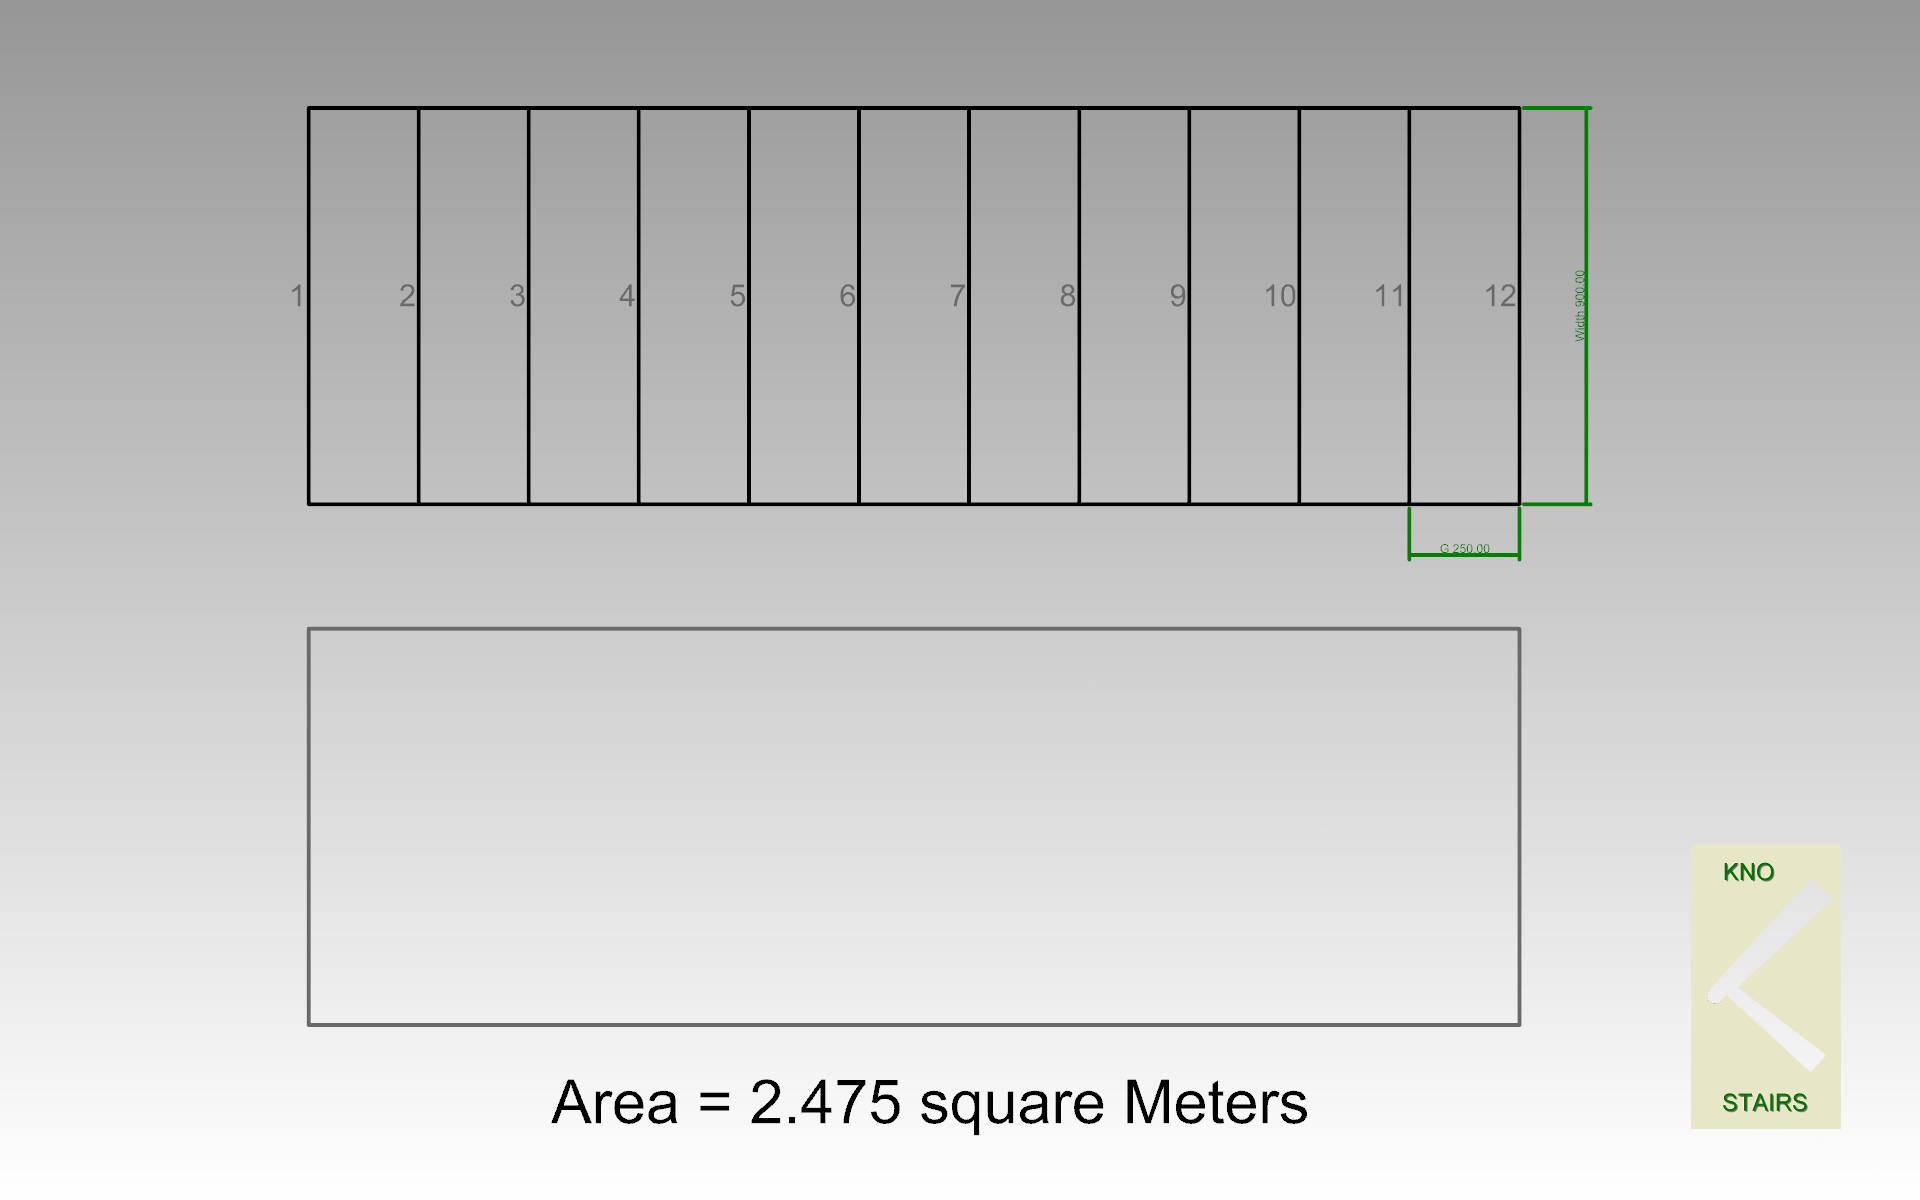 (Diag 5) area of stright flight.